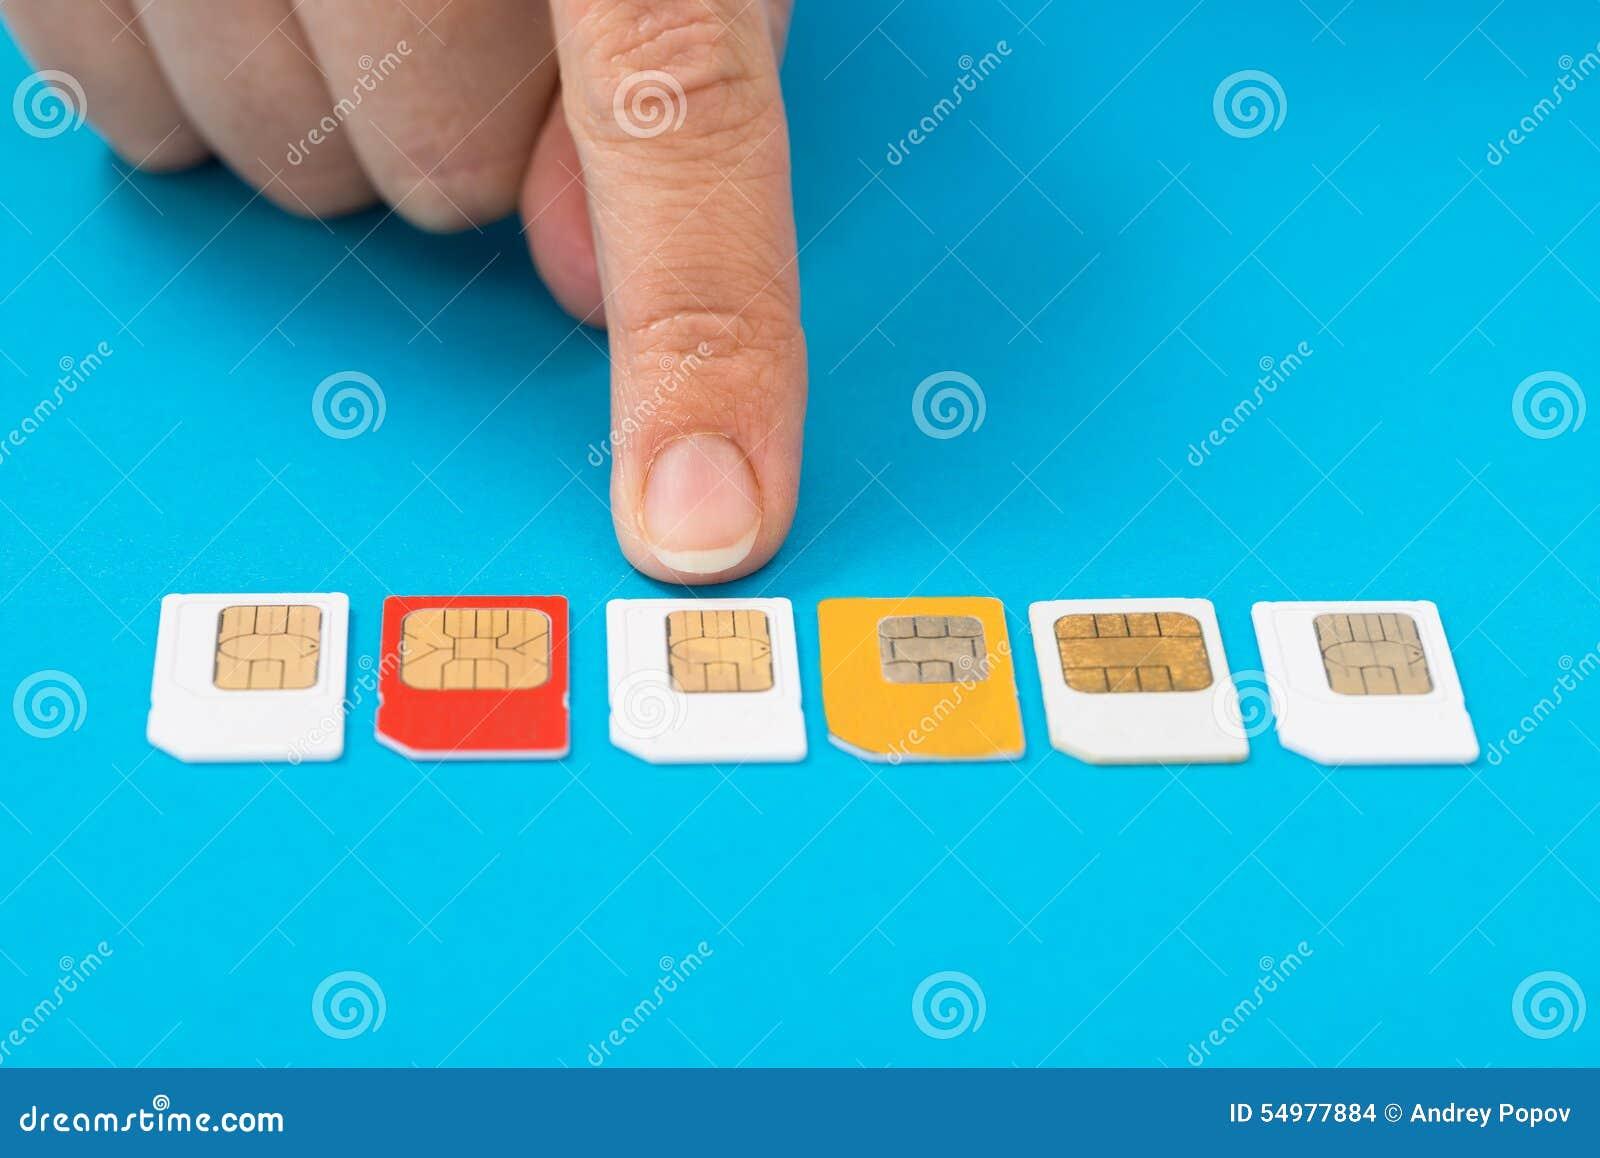 Personhand som väljer simkortet